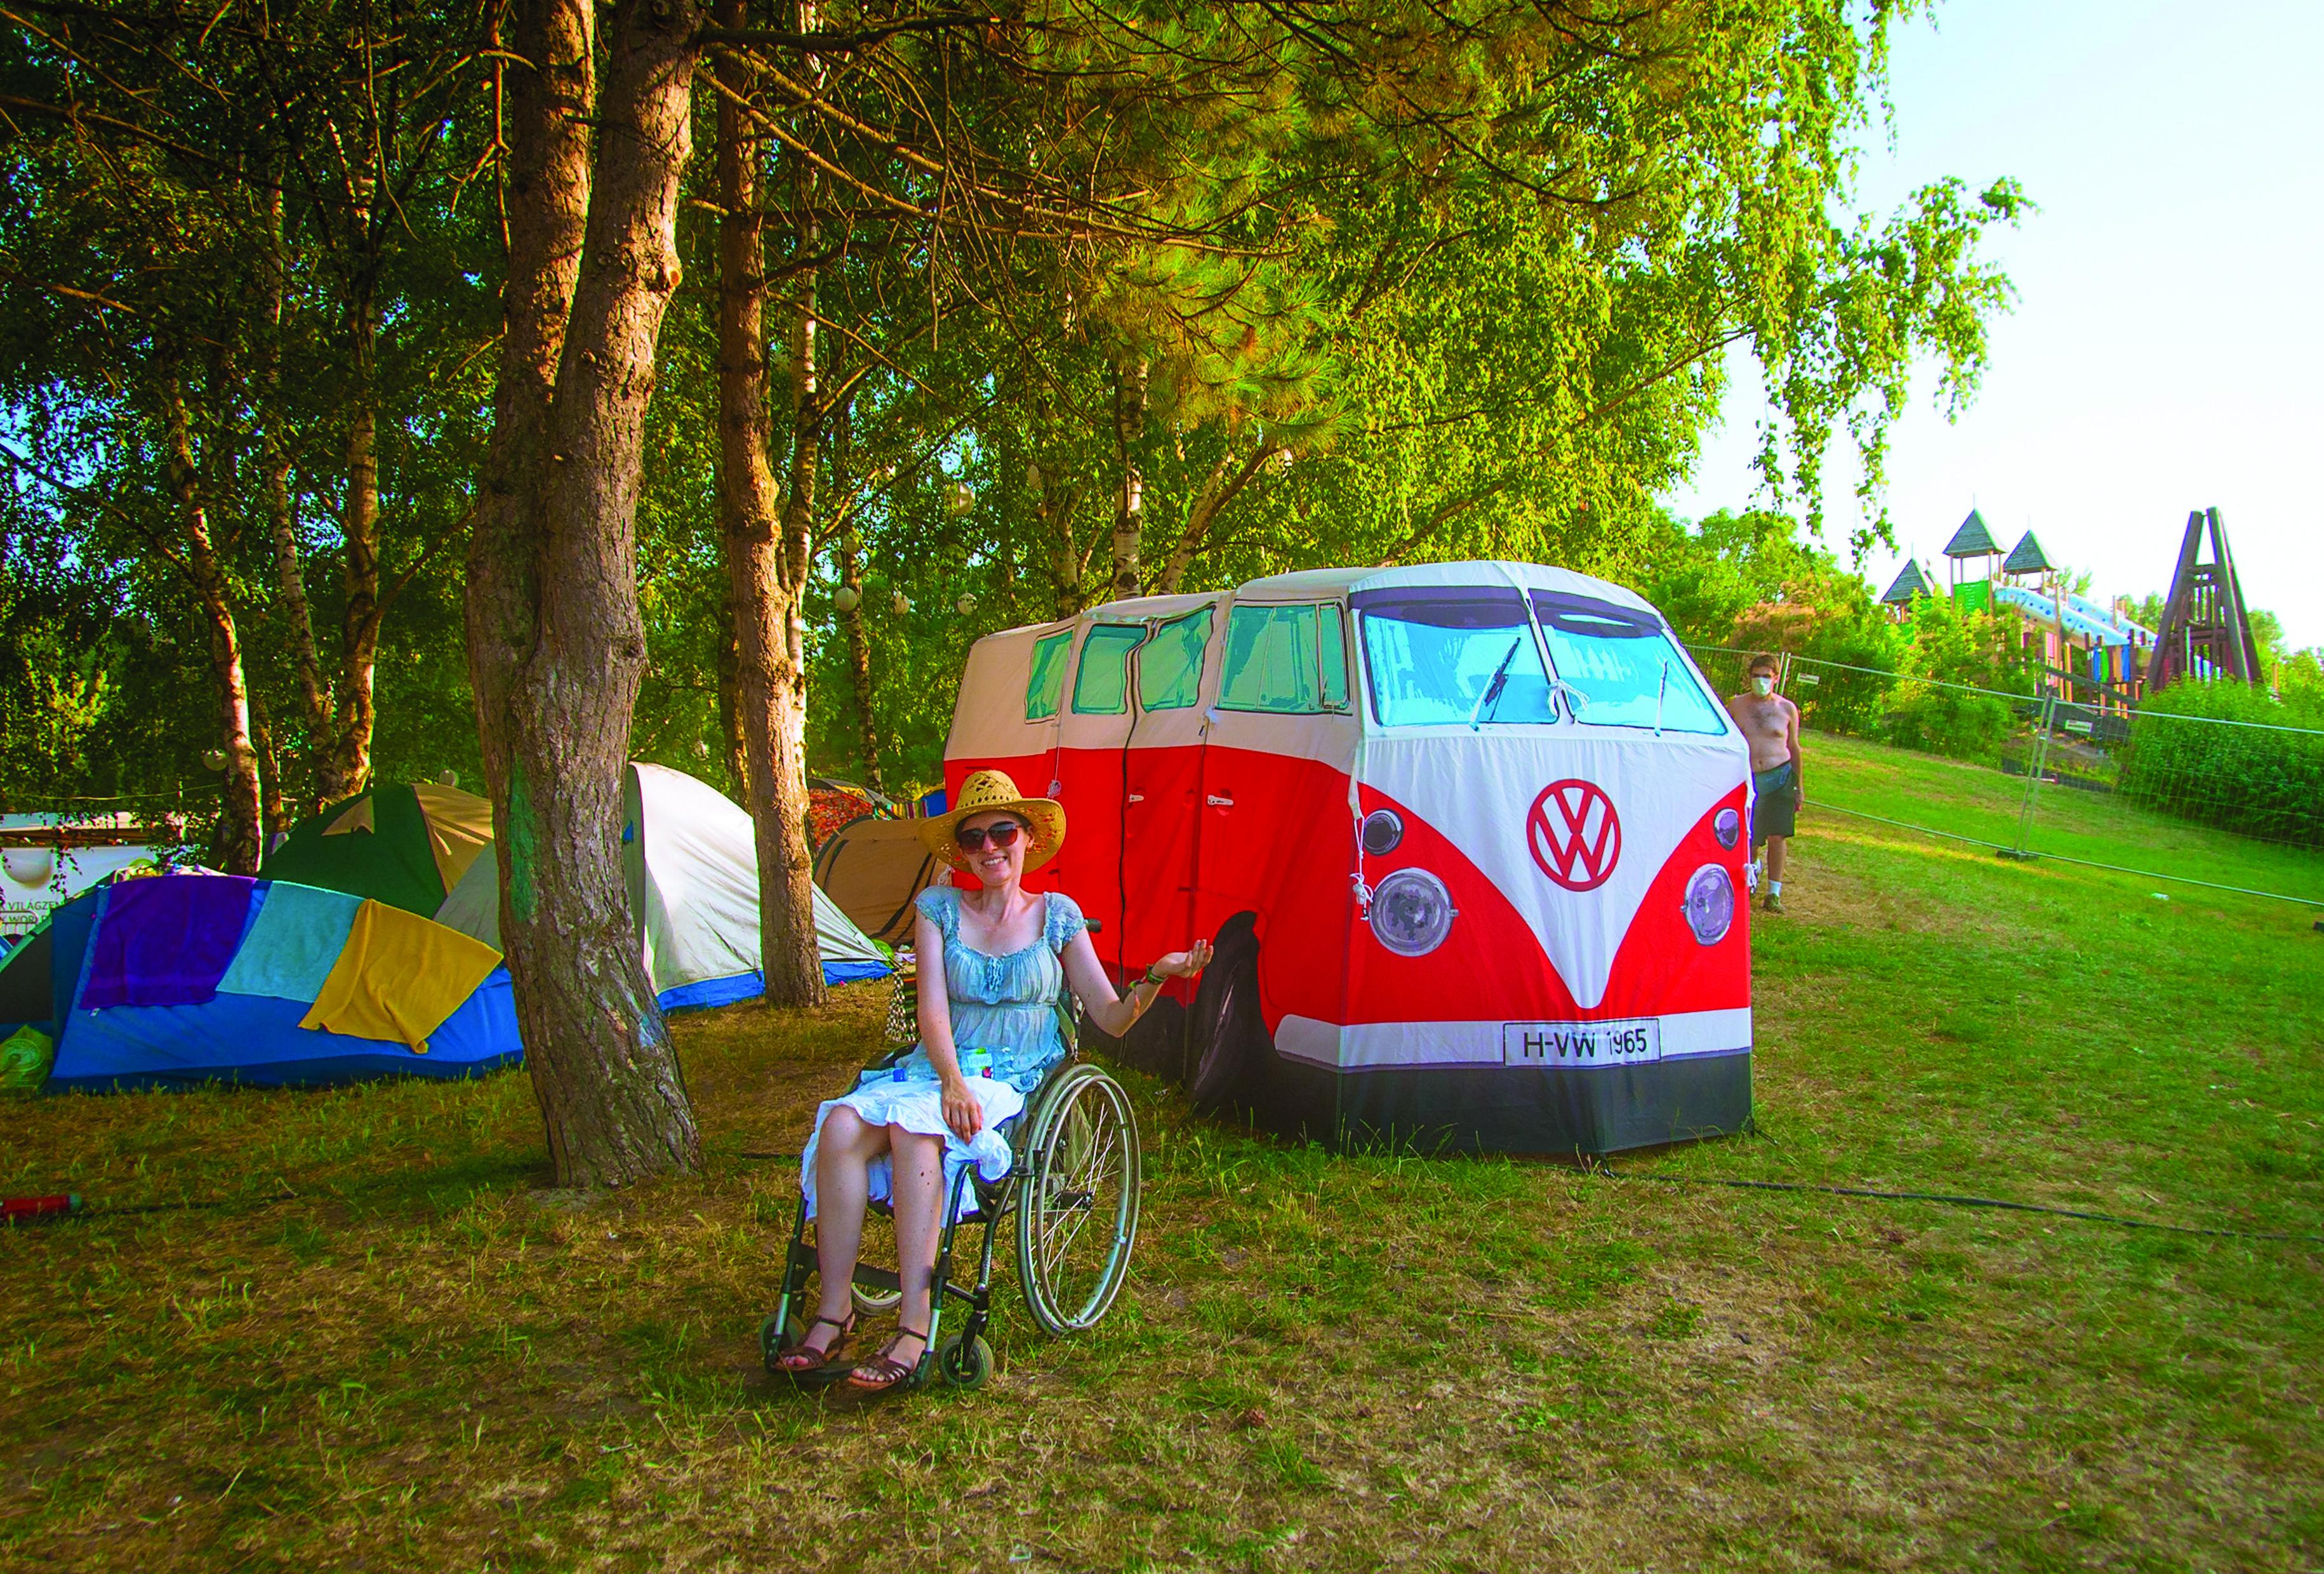 Eine Frau mit Rollstuhl steht vor dem Zelt, das aussieht wie ein VW-Bus.